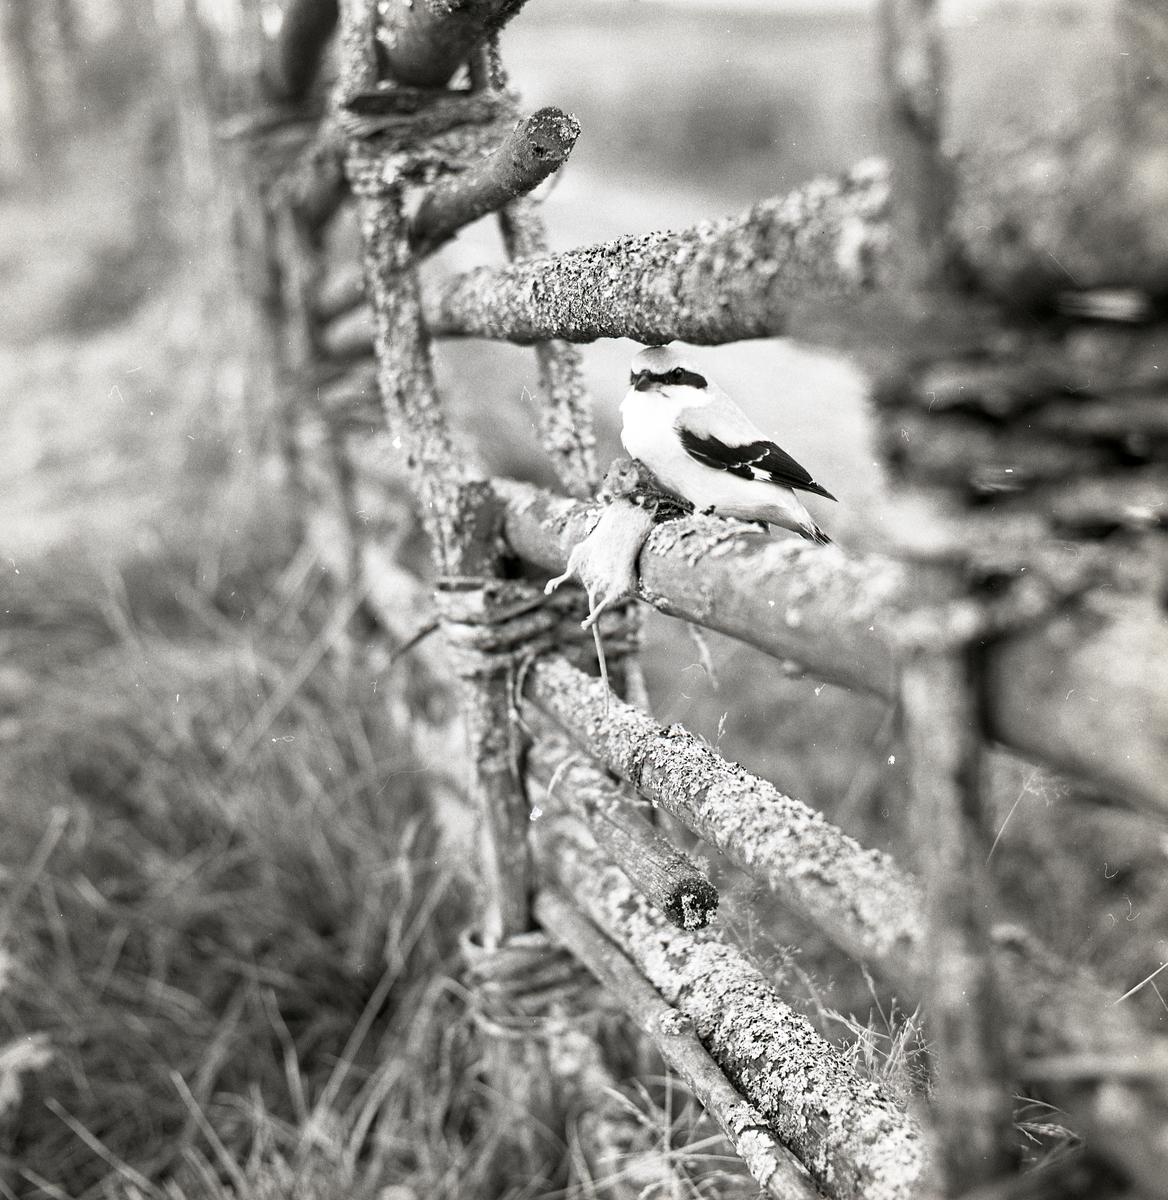 En varfågel har fångat en mus och sitter på en gärdesgård under hösten 1968.